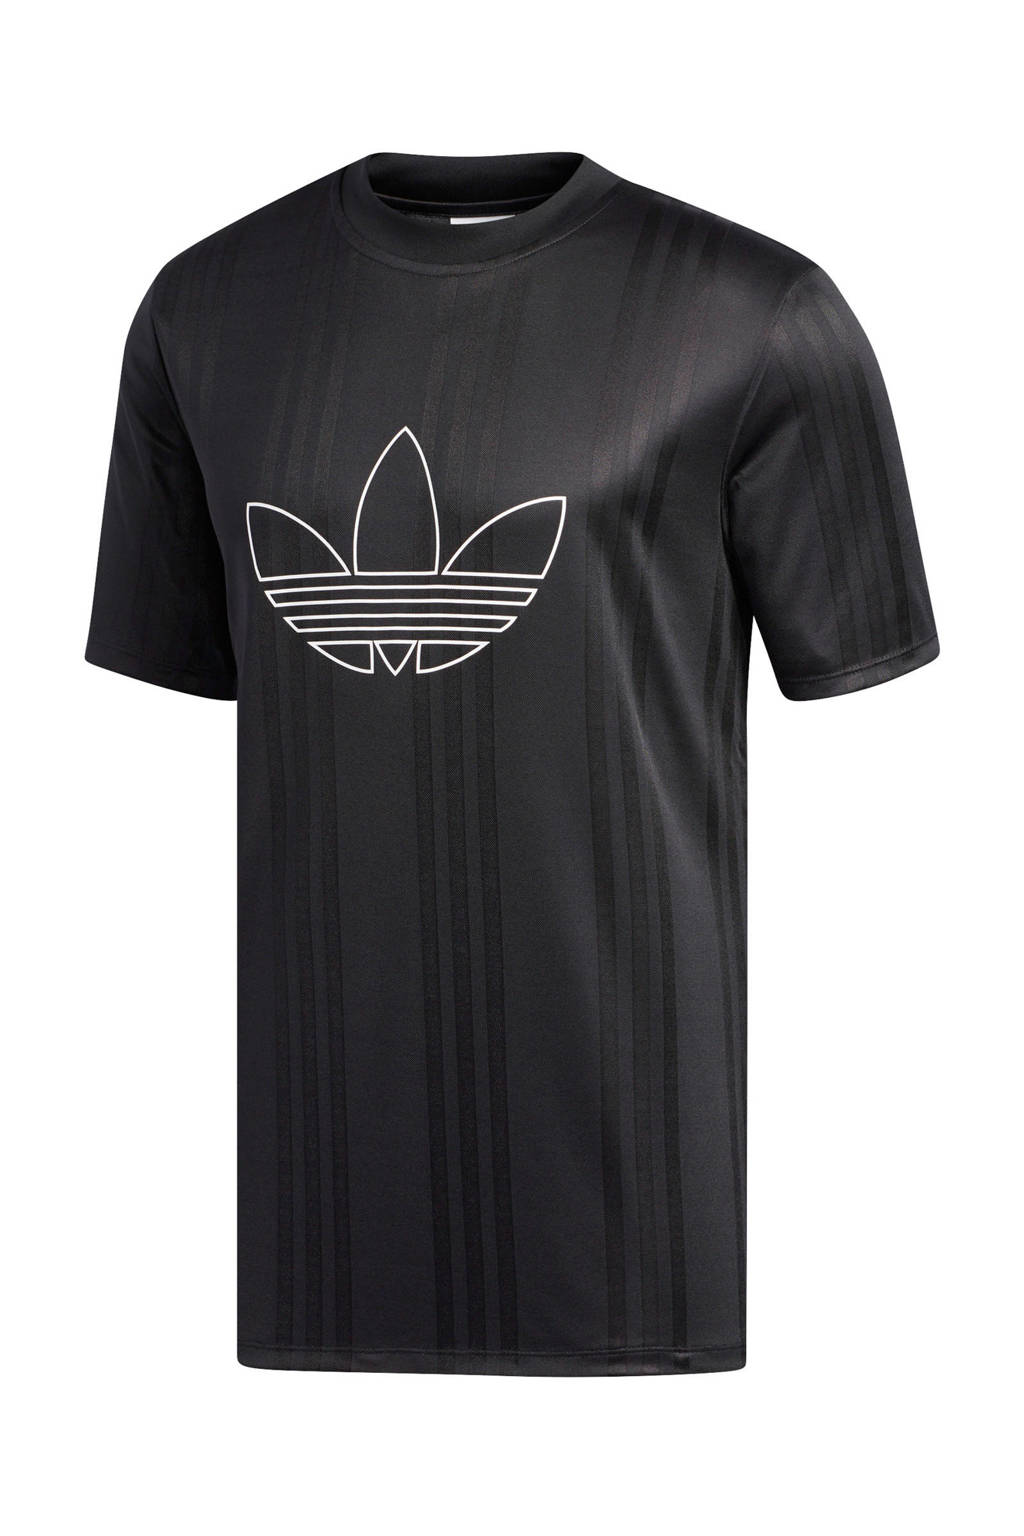 adidas Originals   T-shirt zwart, Zwart